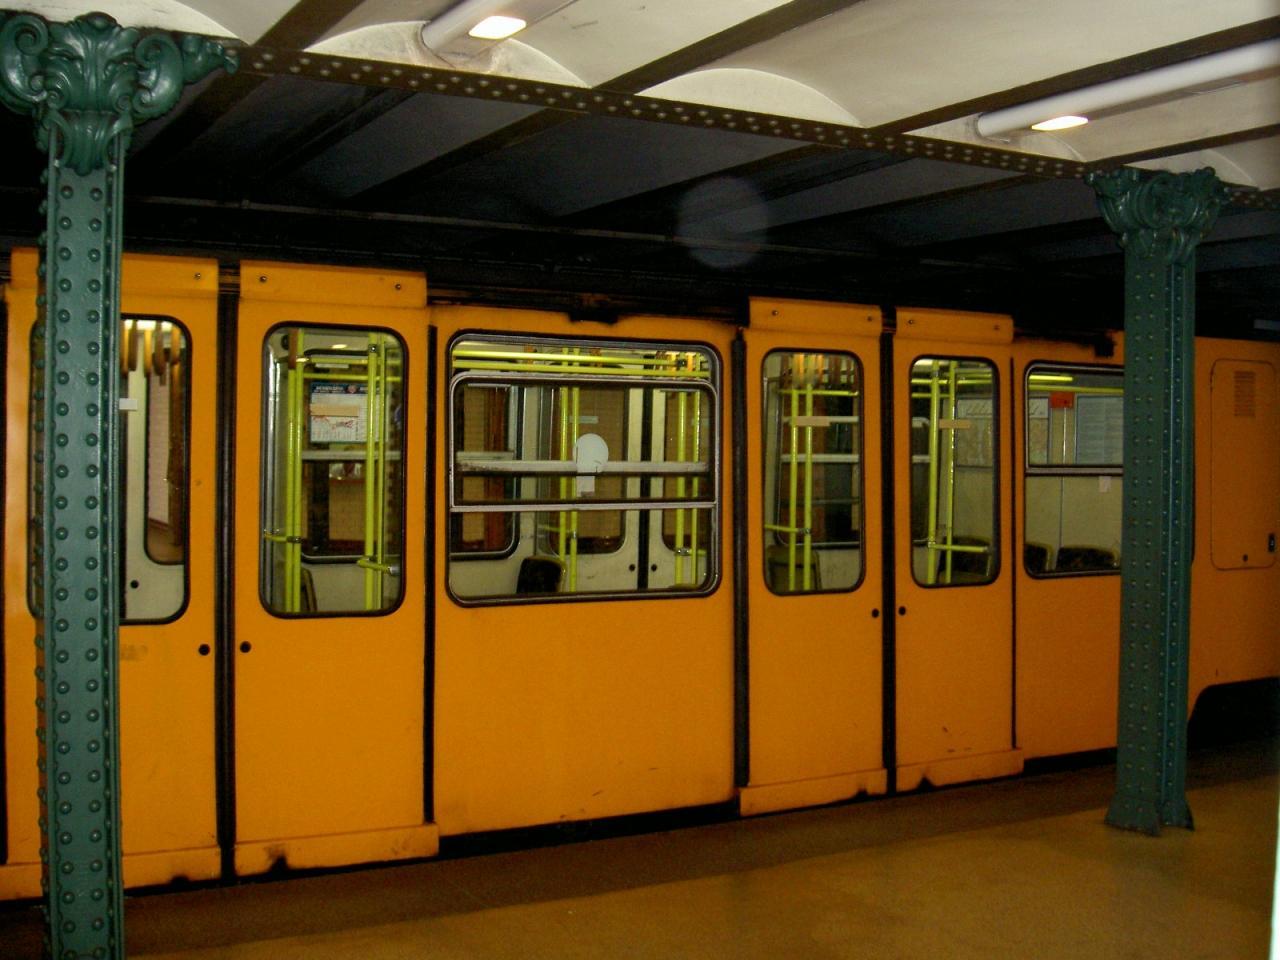 ブダペスト地下鉄の画像 p1_27